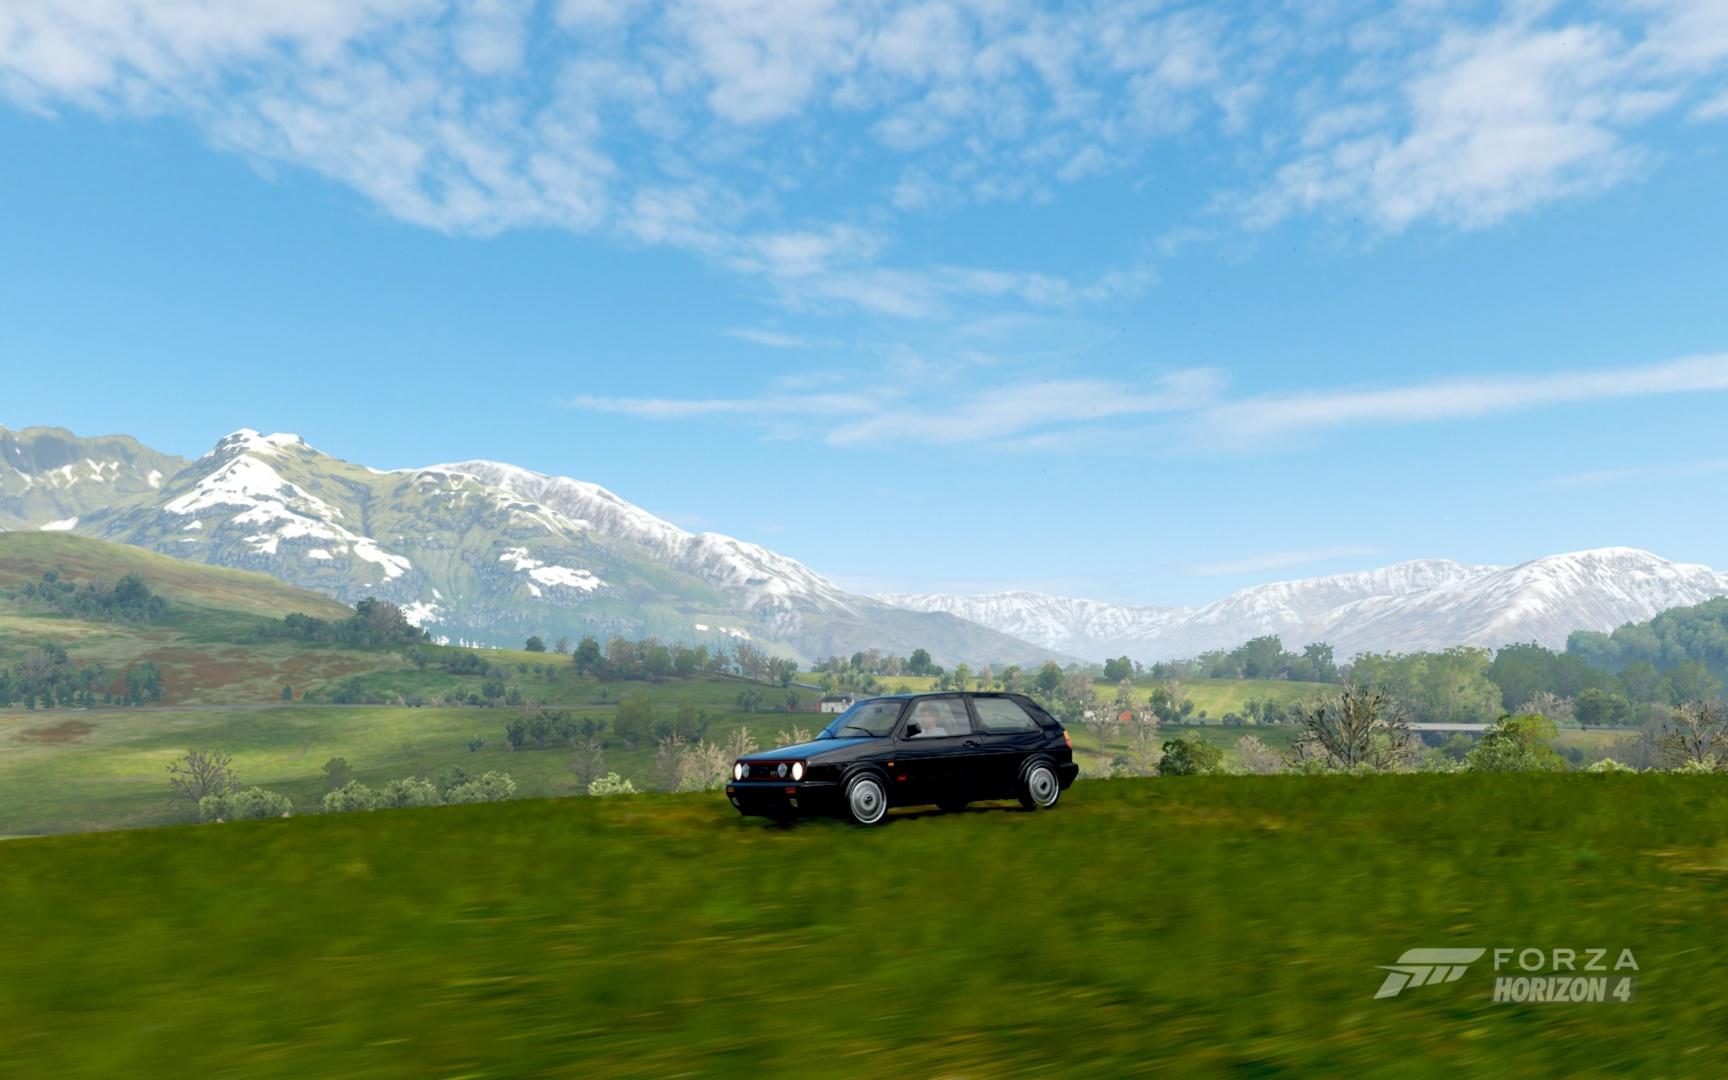 Forza_01.jpg